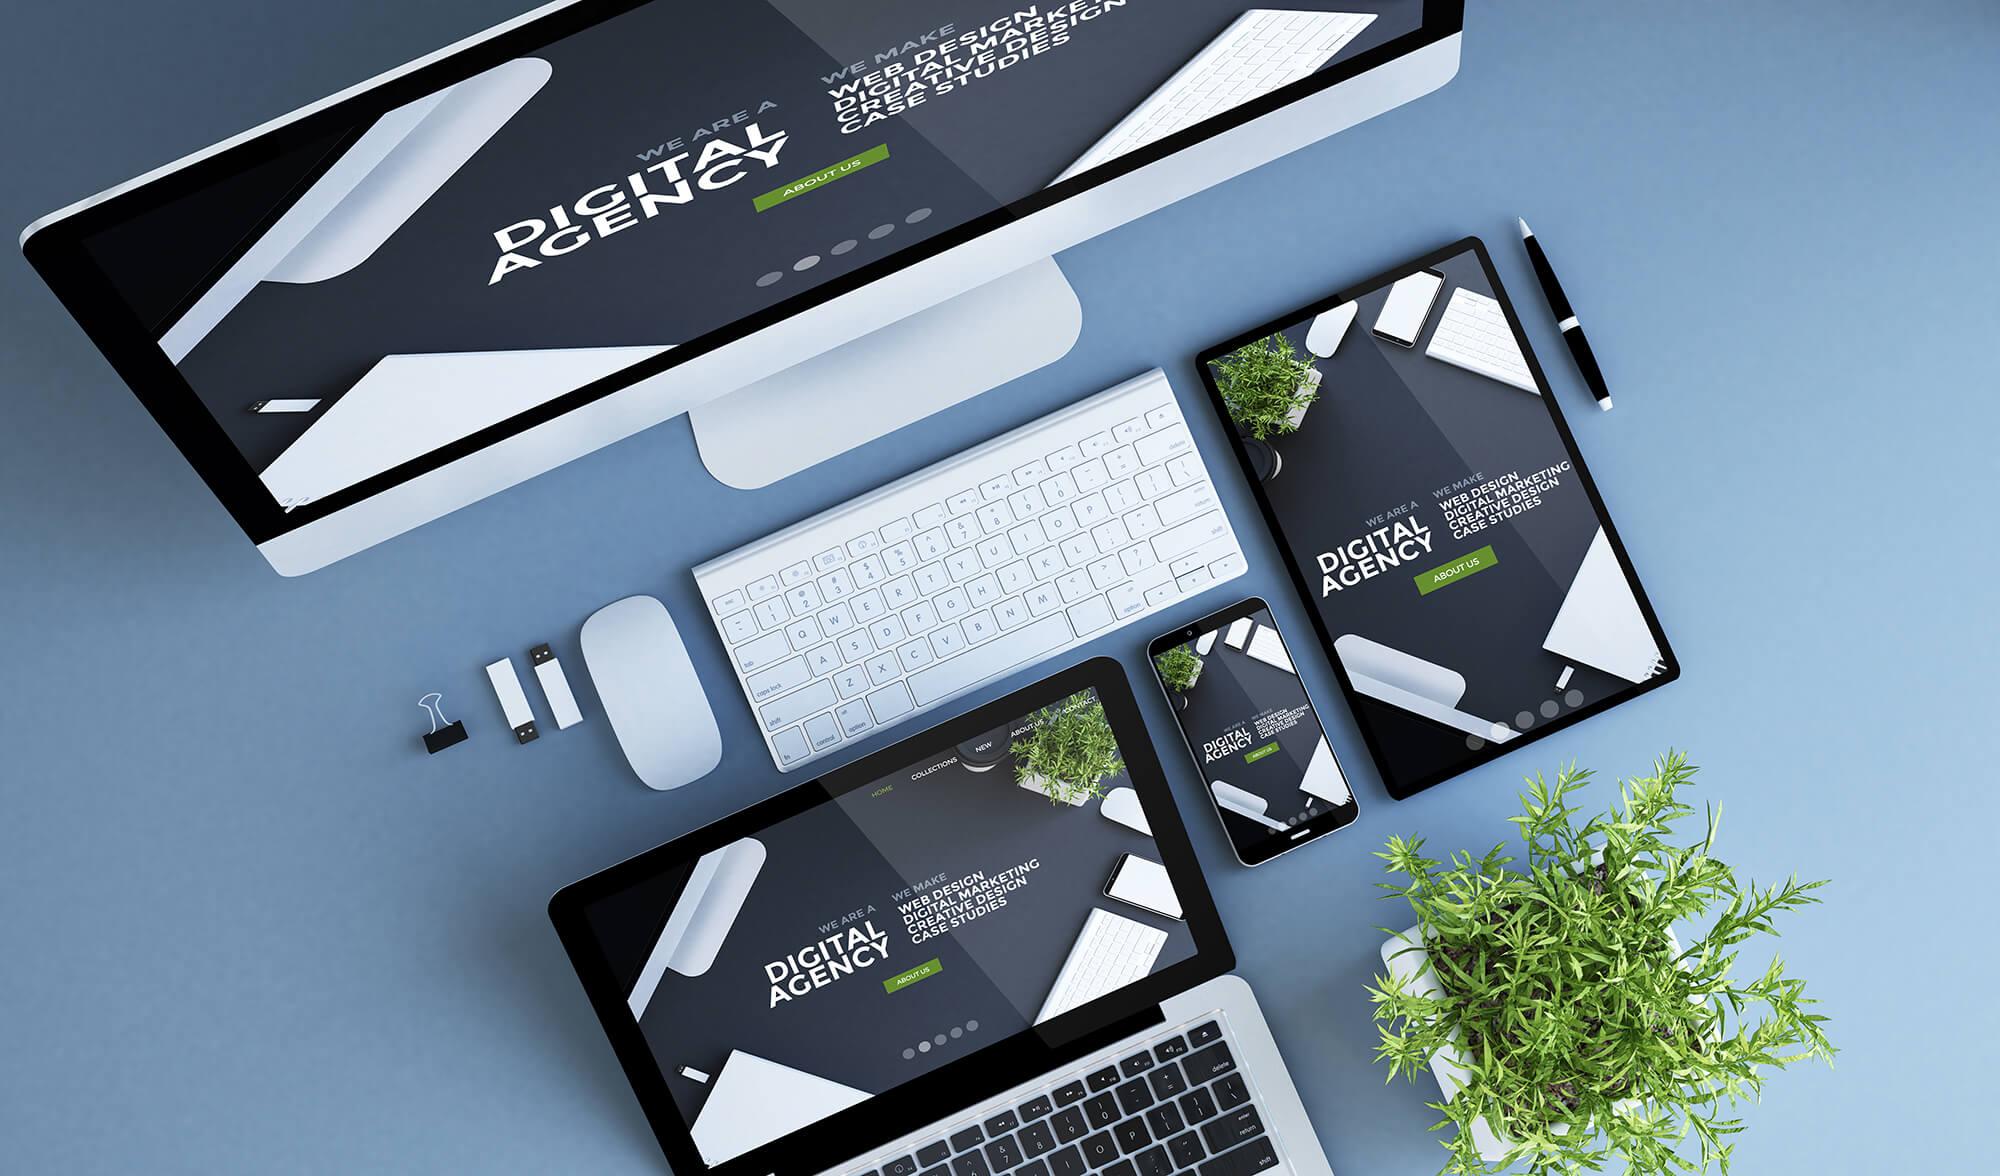 Los 5 temas principales para agencias digitales (marketing digital, agencia de SEO, agencia web, etc.)